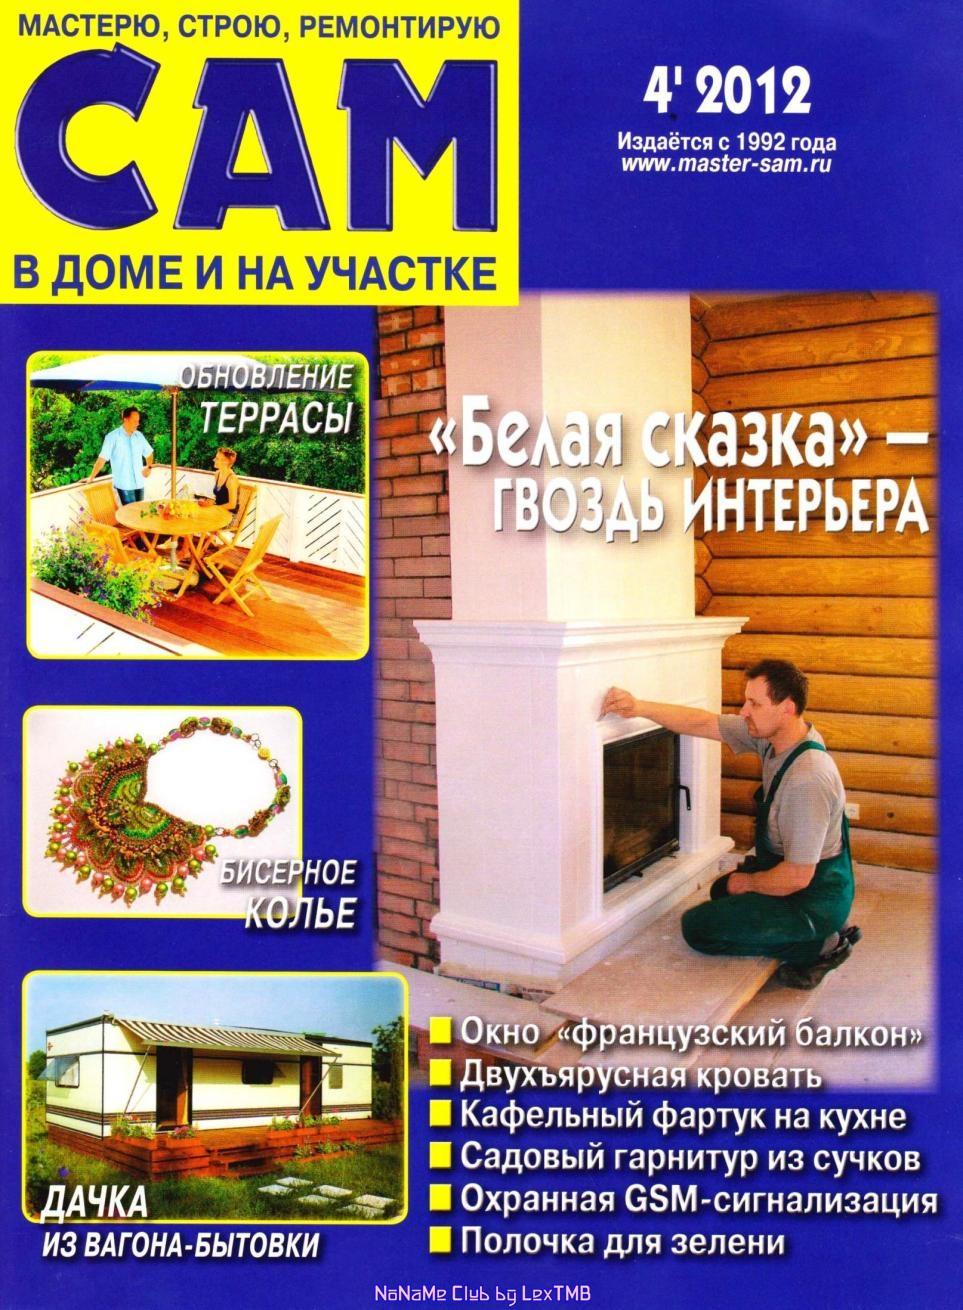 Сам 4 (Aпрель) 2012 / Русский Other, 2012 скачать торрент бесплатно.